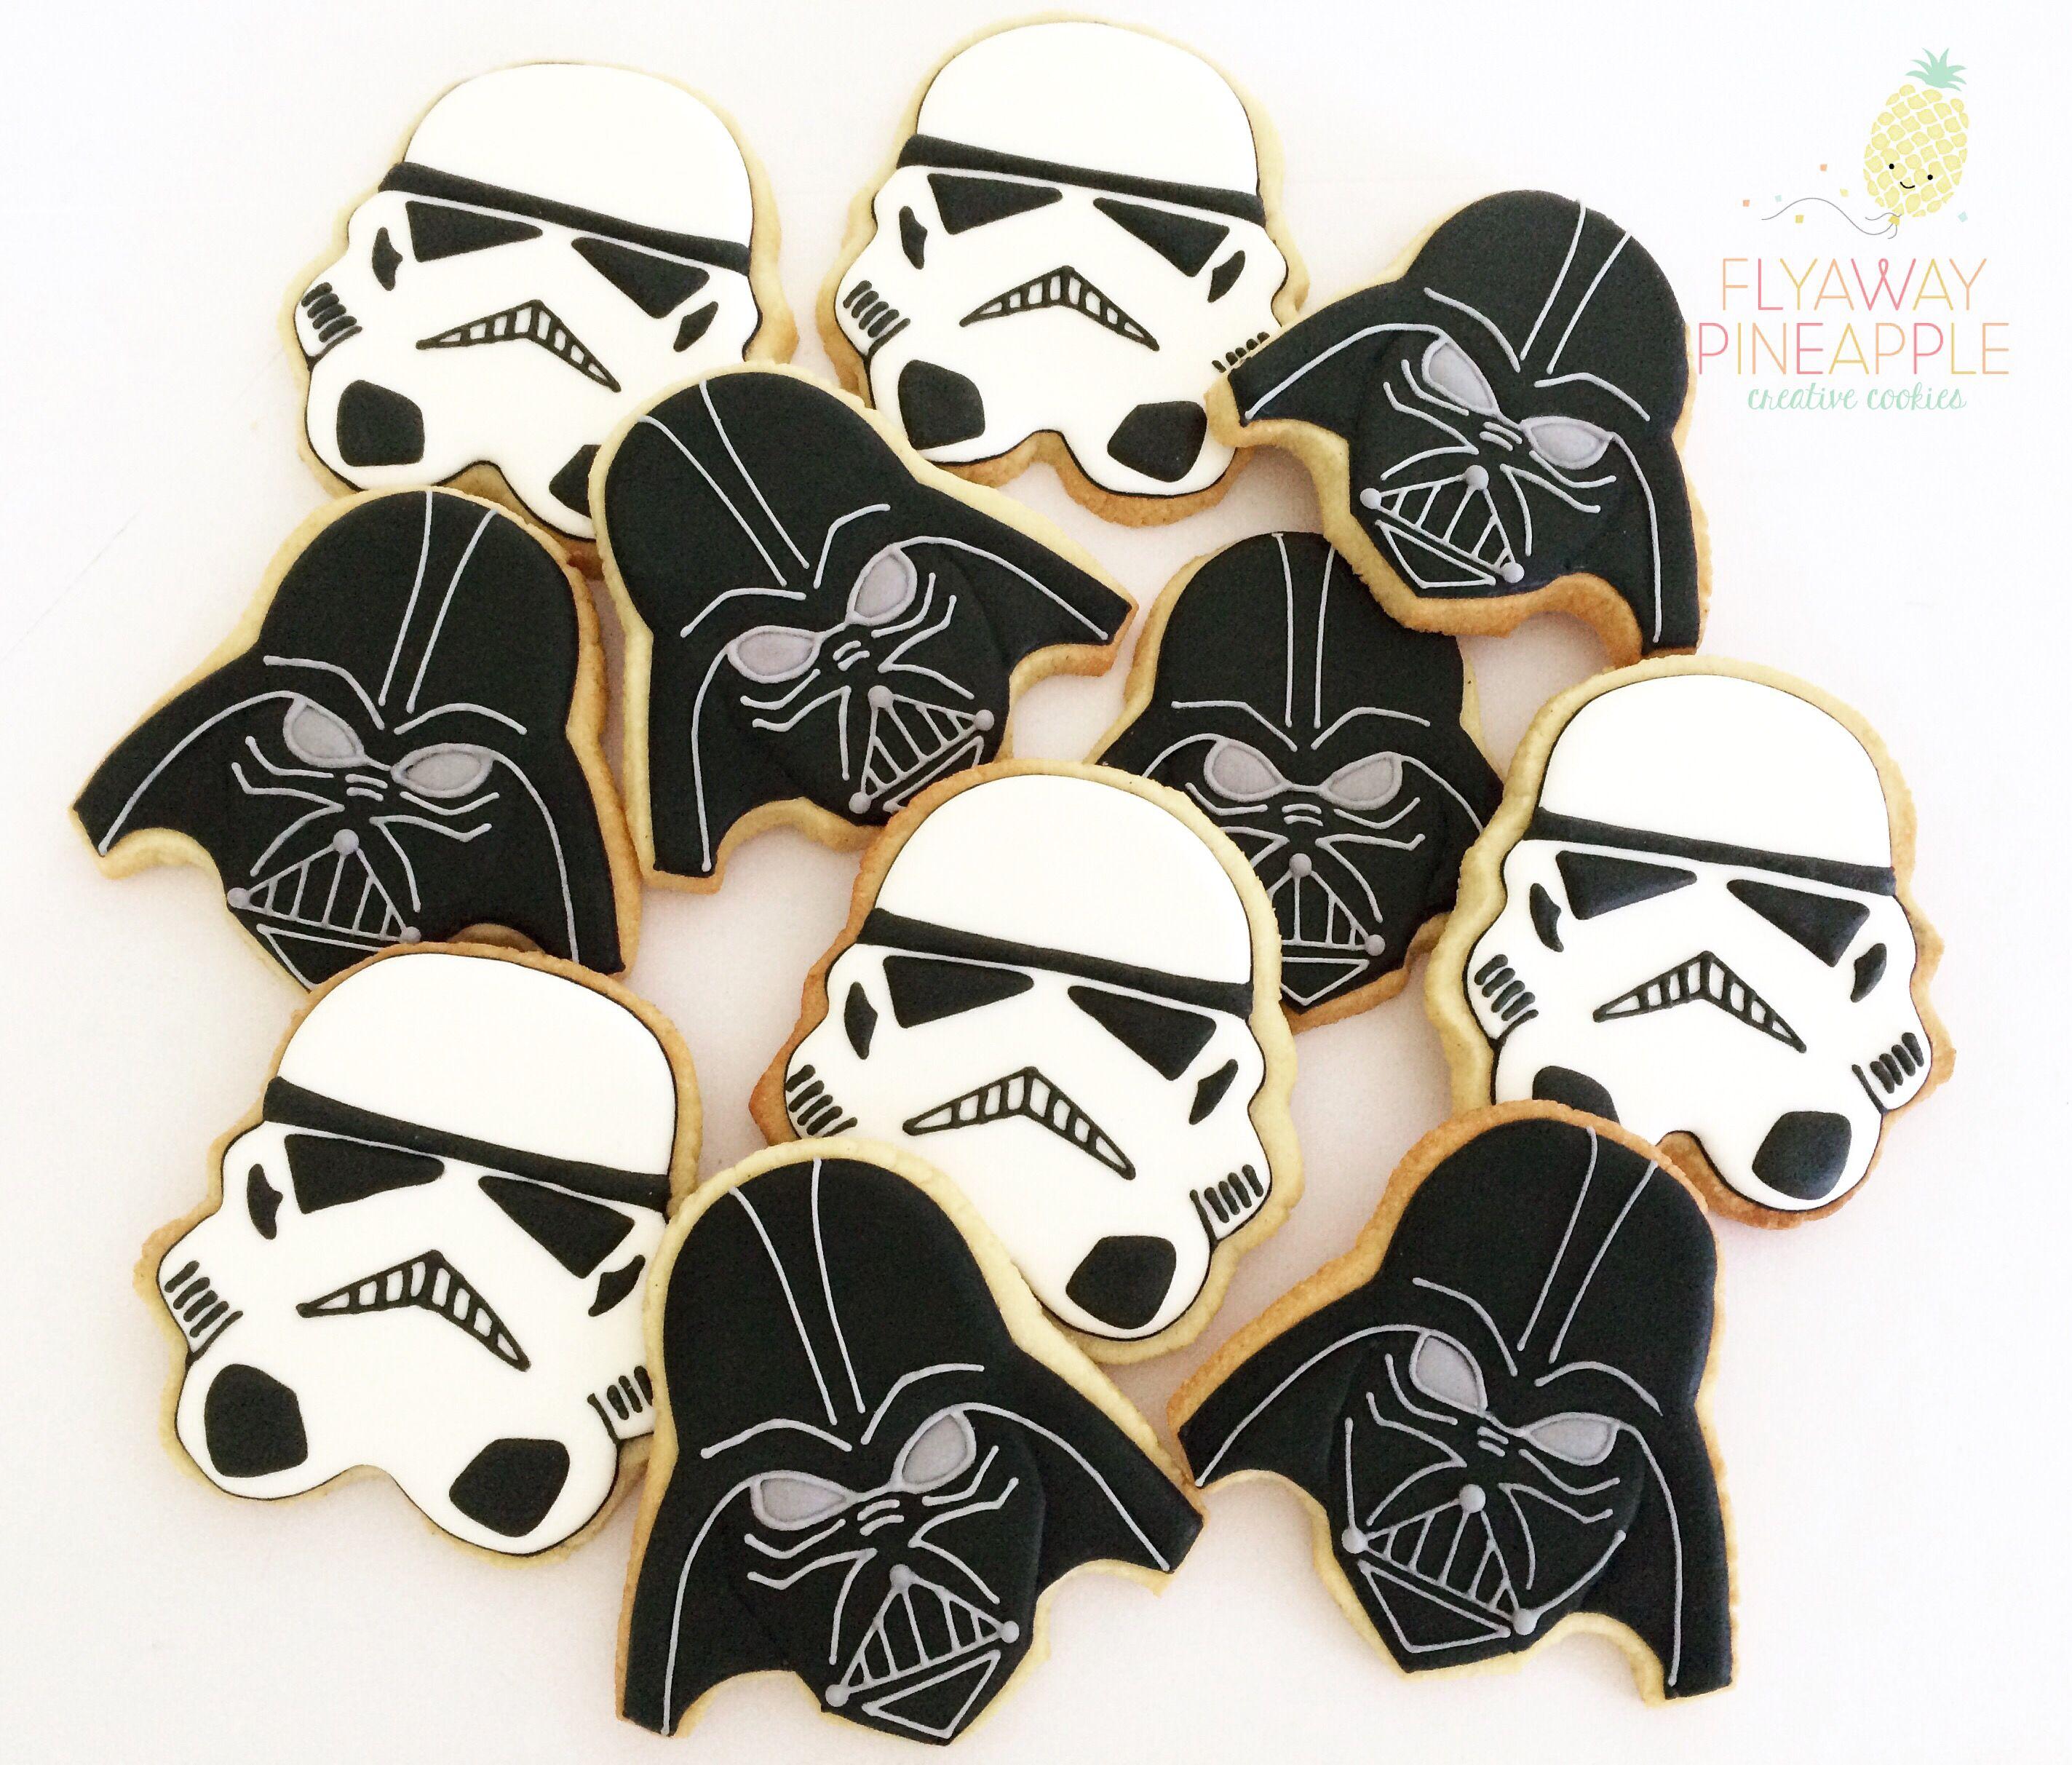 Star Wars cookies Darth Vader cookies Storm Trooper cookies